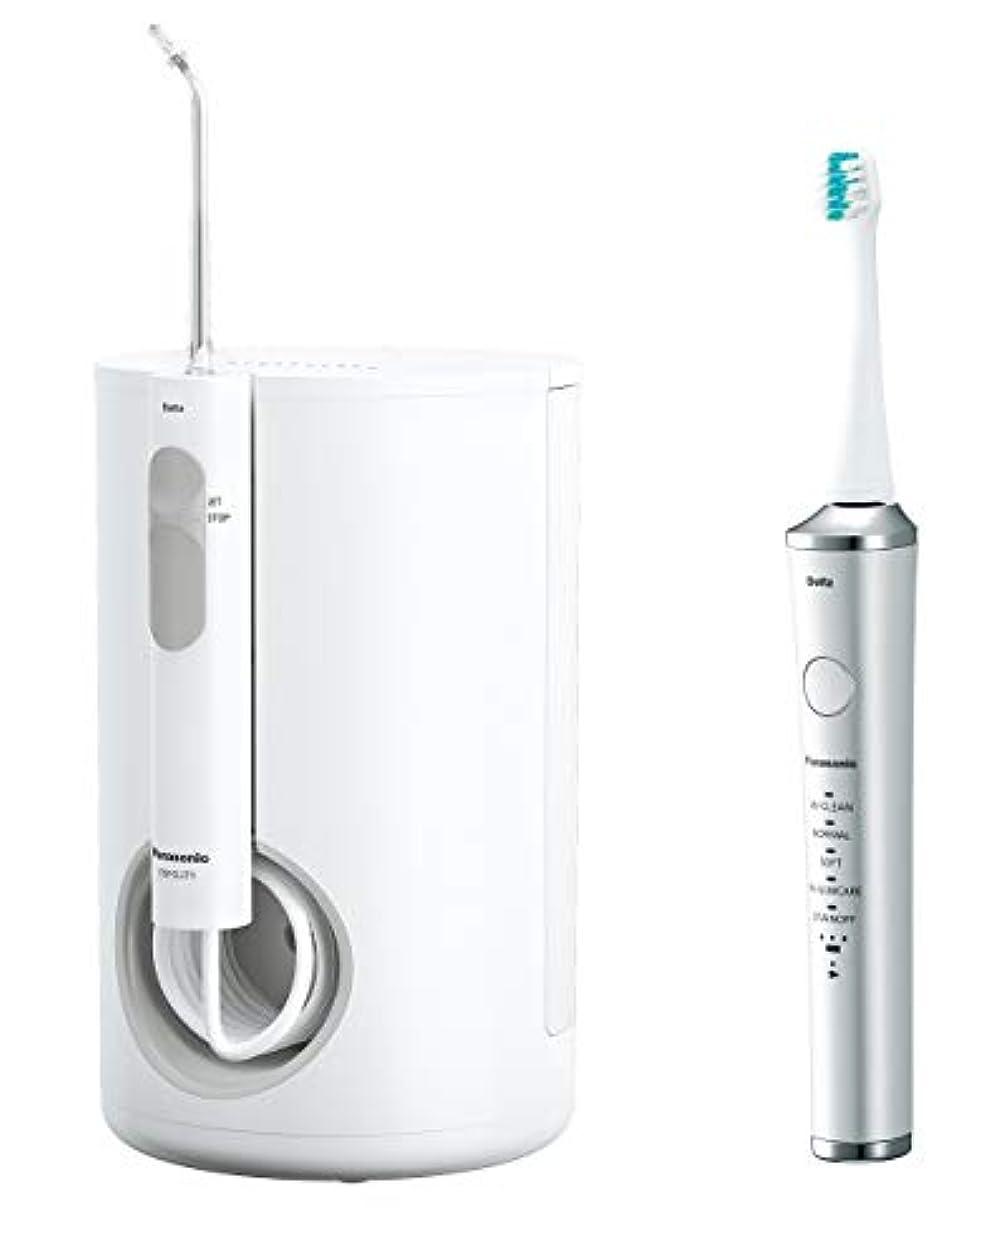 一目やりがいのあるくちばしパナソニック 口腔洗浄器 ジェットウォッシャー ドルツ 白 EW-DJ71-W + 電動歯ブラシ ドルツ セット